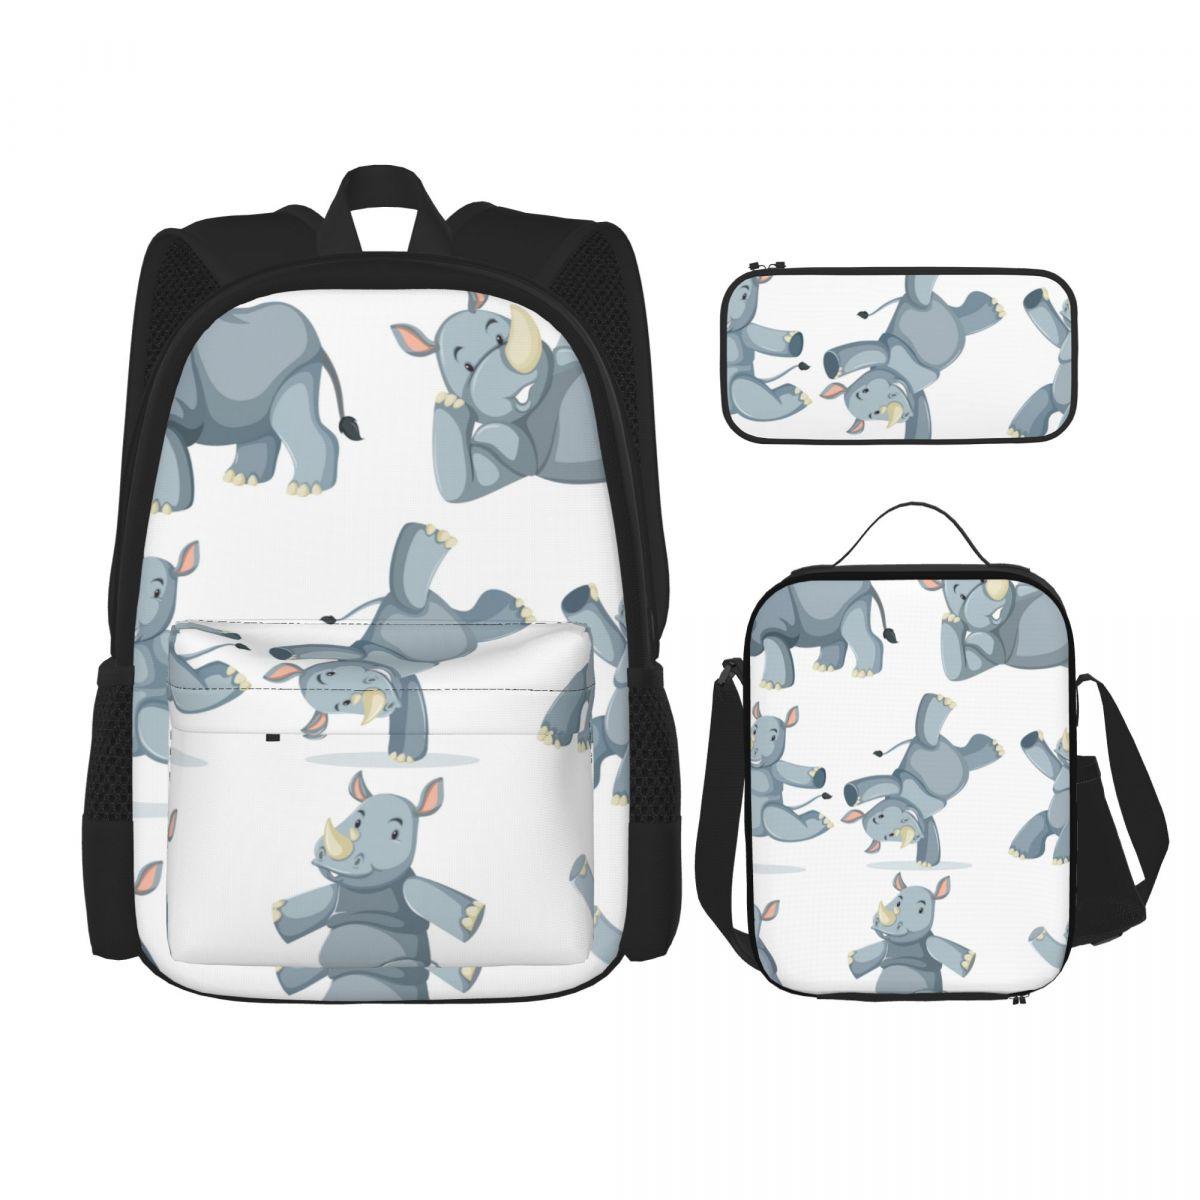 3 قطعة/المجموعة/مجموعة حقائب ظهر شخصية كرتونية وحيد القرن حقائب مدرسية للأولاد والبنات الطلاب حقيبة سفر عادية Mochila